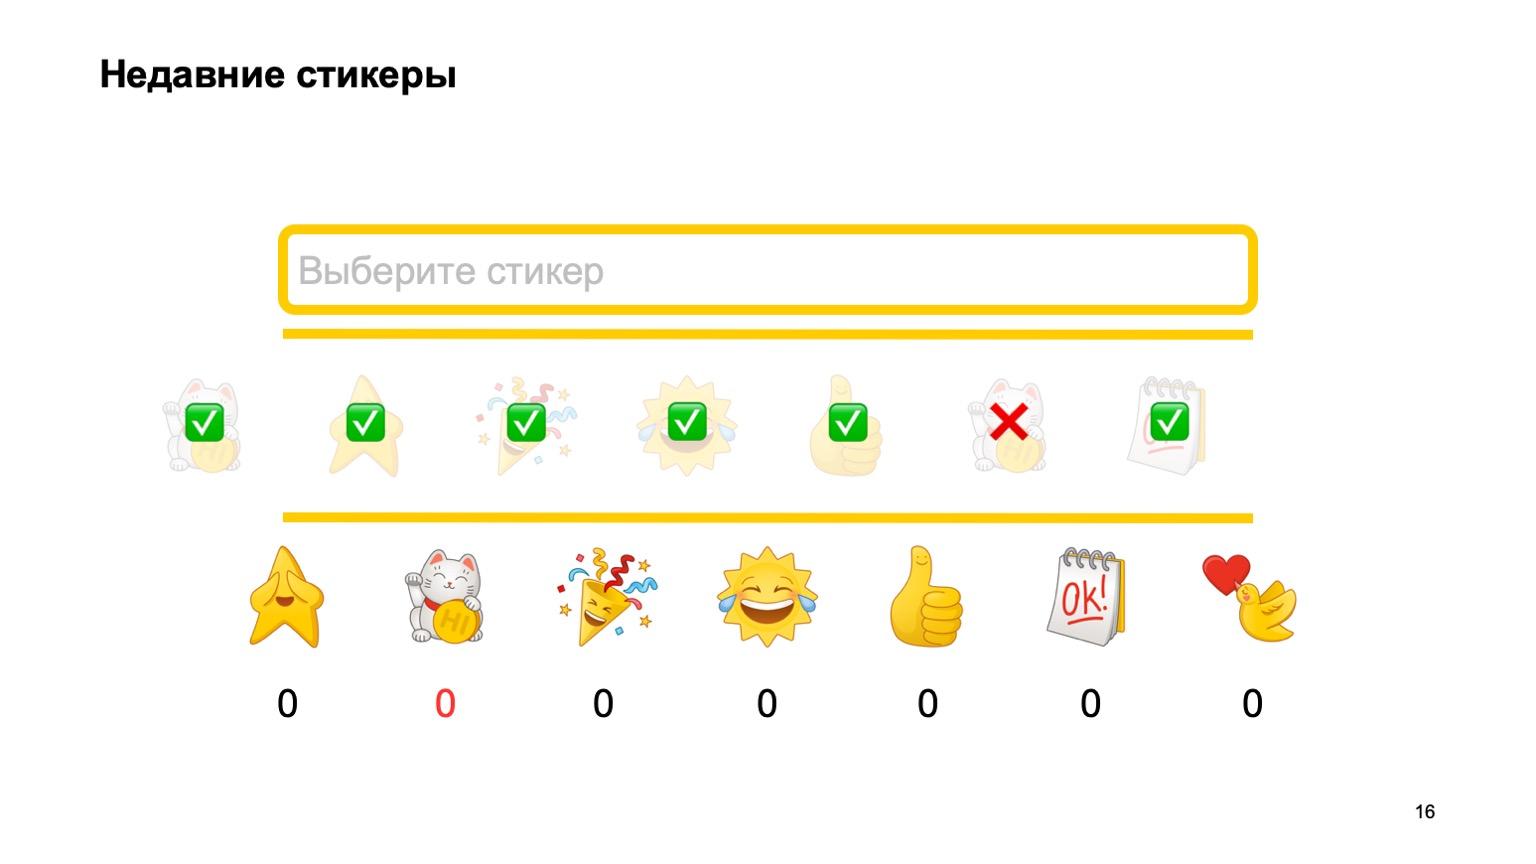 Мобильная разработка — это просто и скучно? Доклад Яндекса - 15